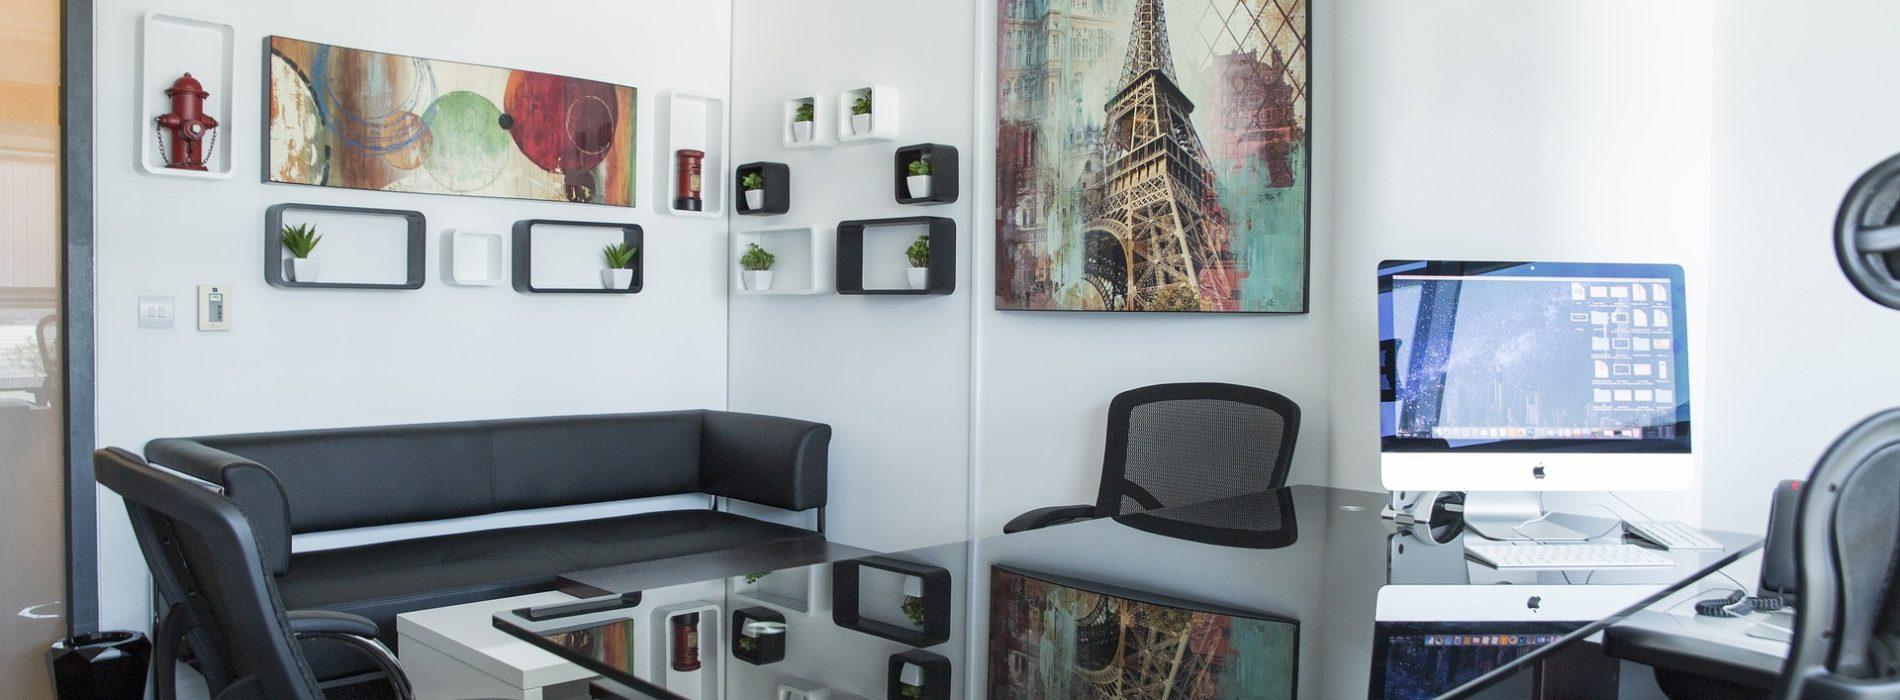 Dlaczego warto hodować rośliny w biurze?